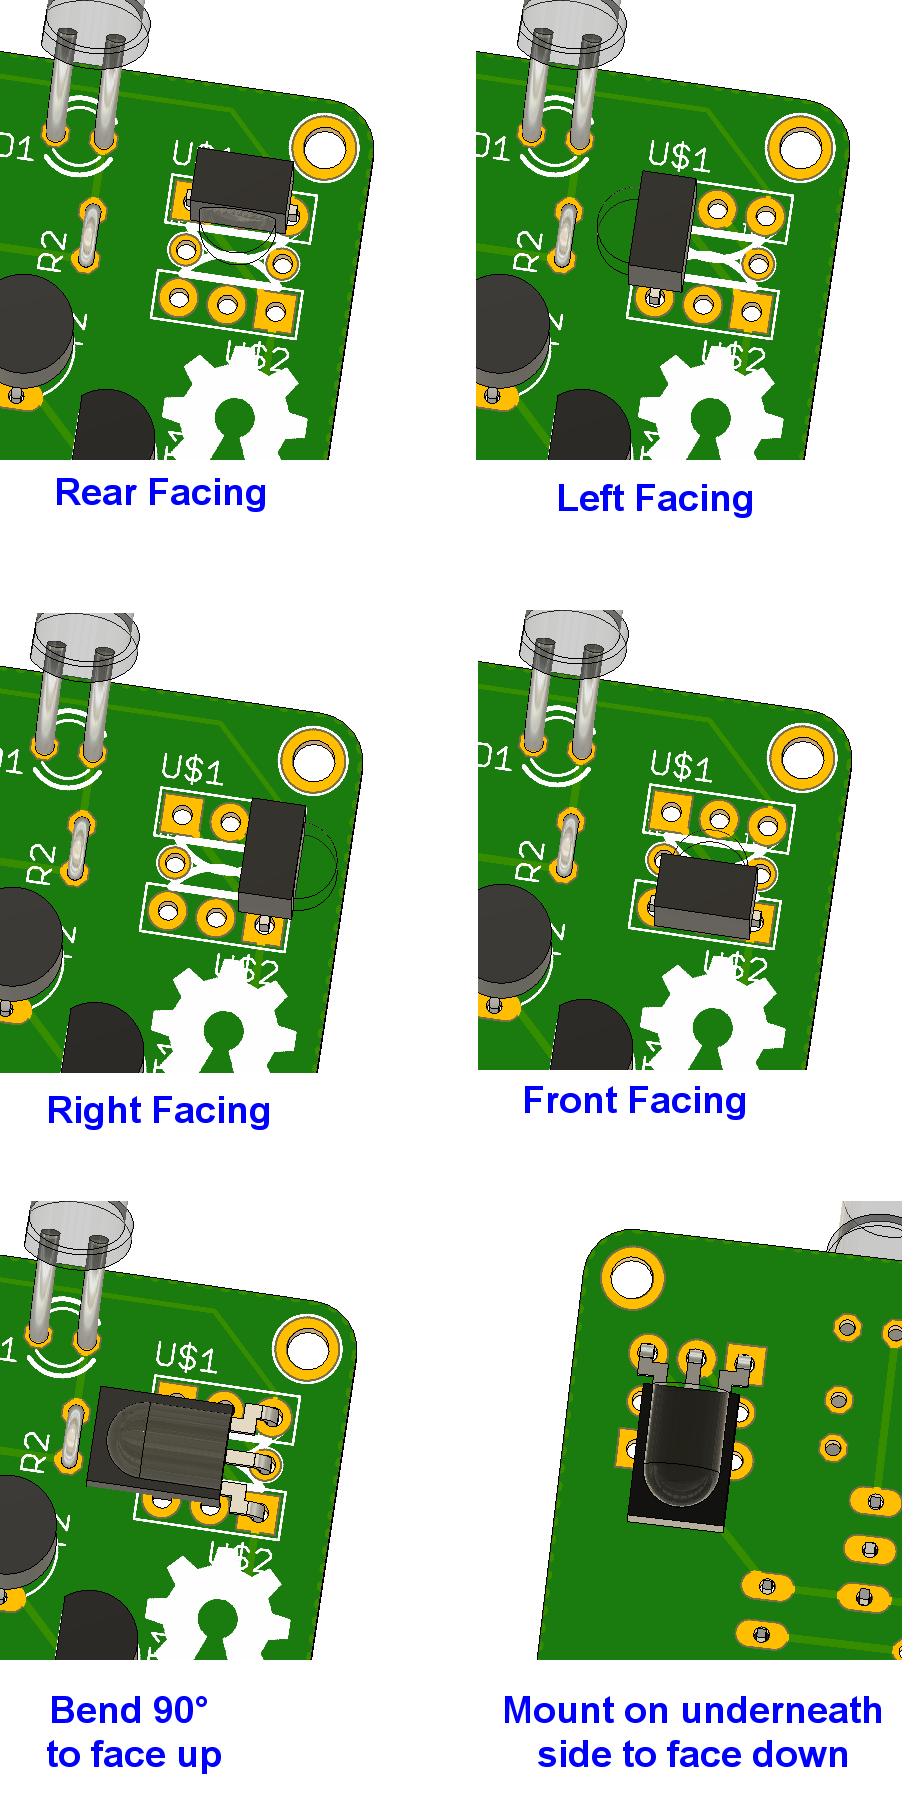 sensors_TSOP_options_top.png